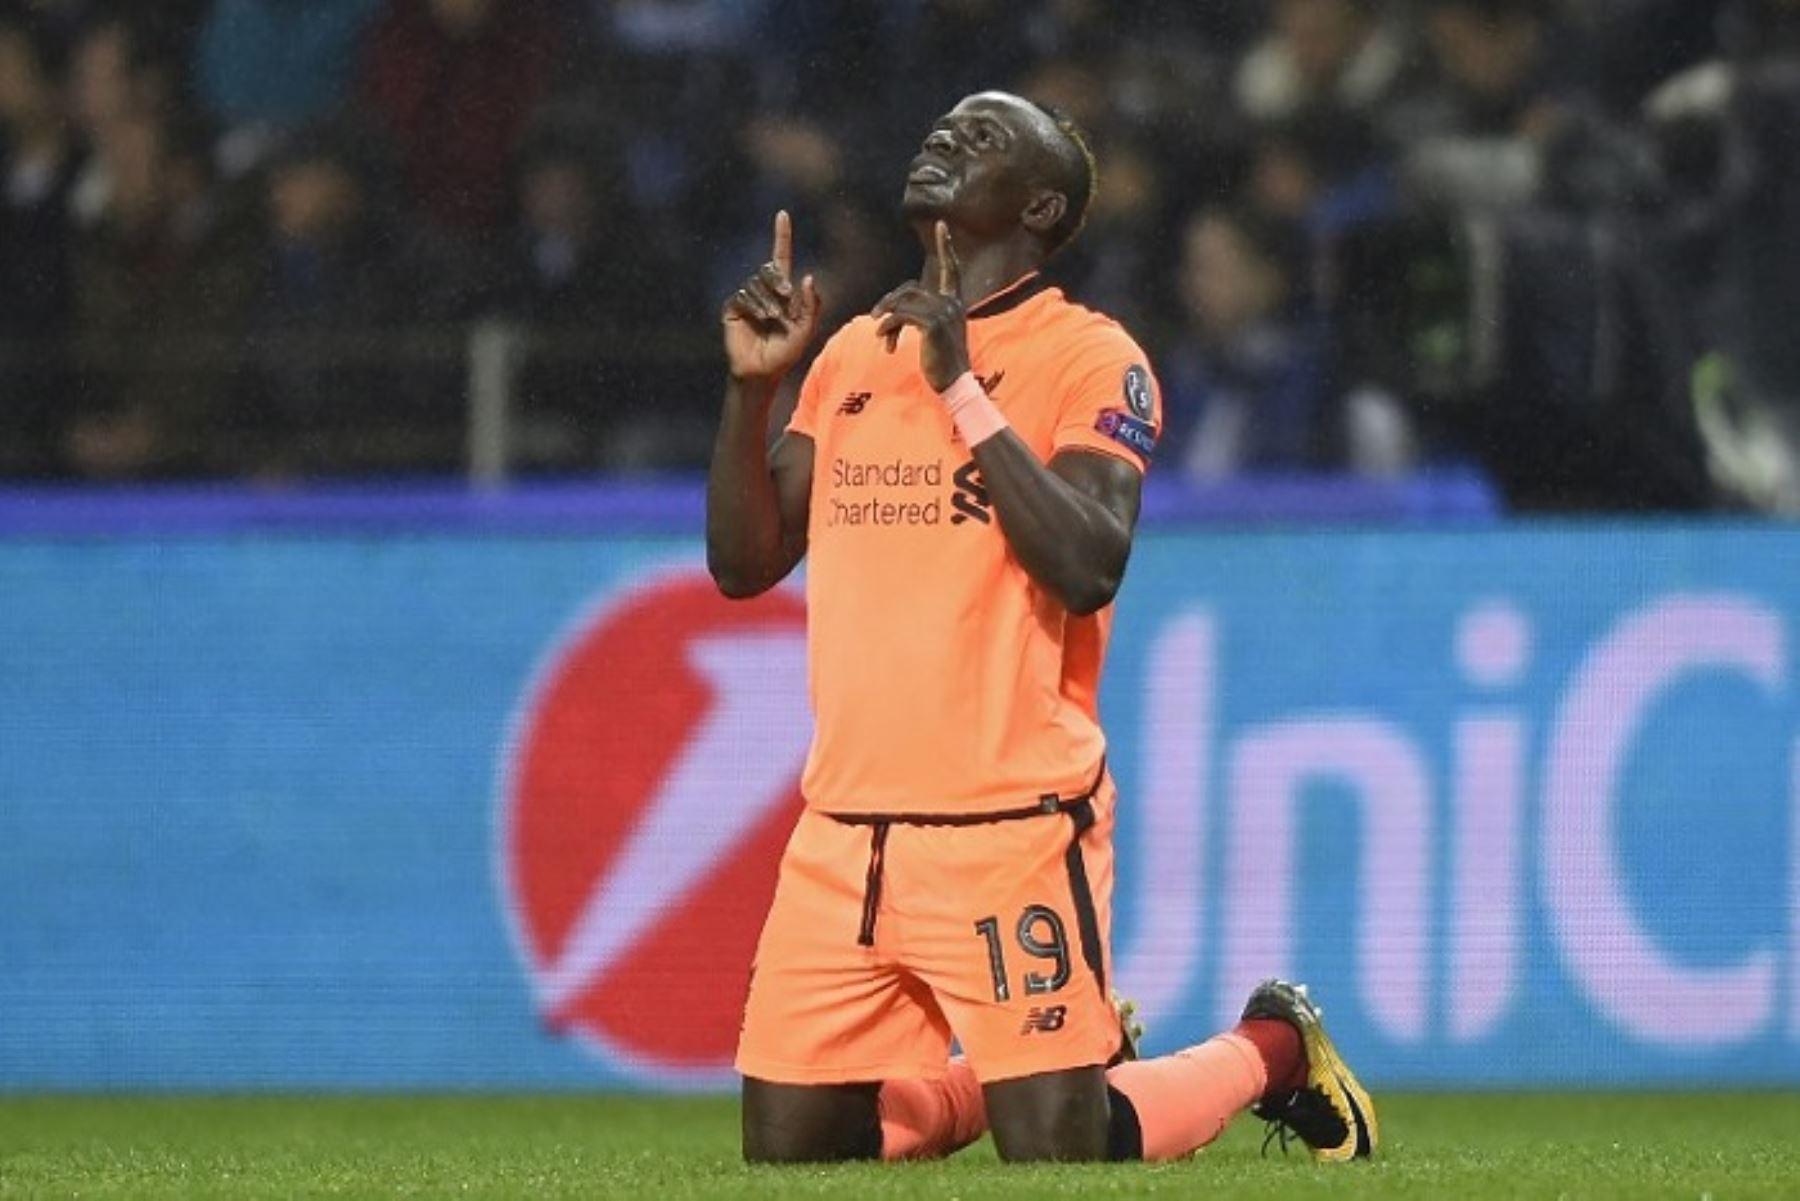 Liverpool muestra su mejor vesrión ante el Oporto. Sadio Mané fue fundamental